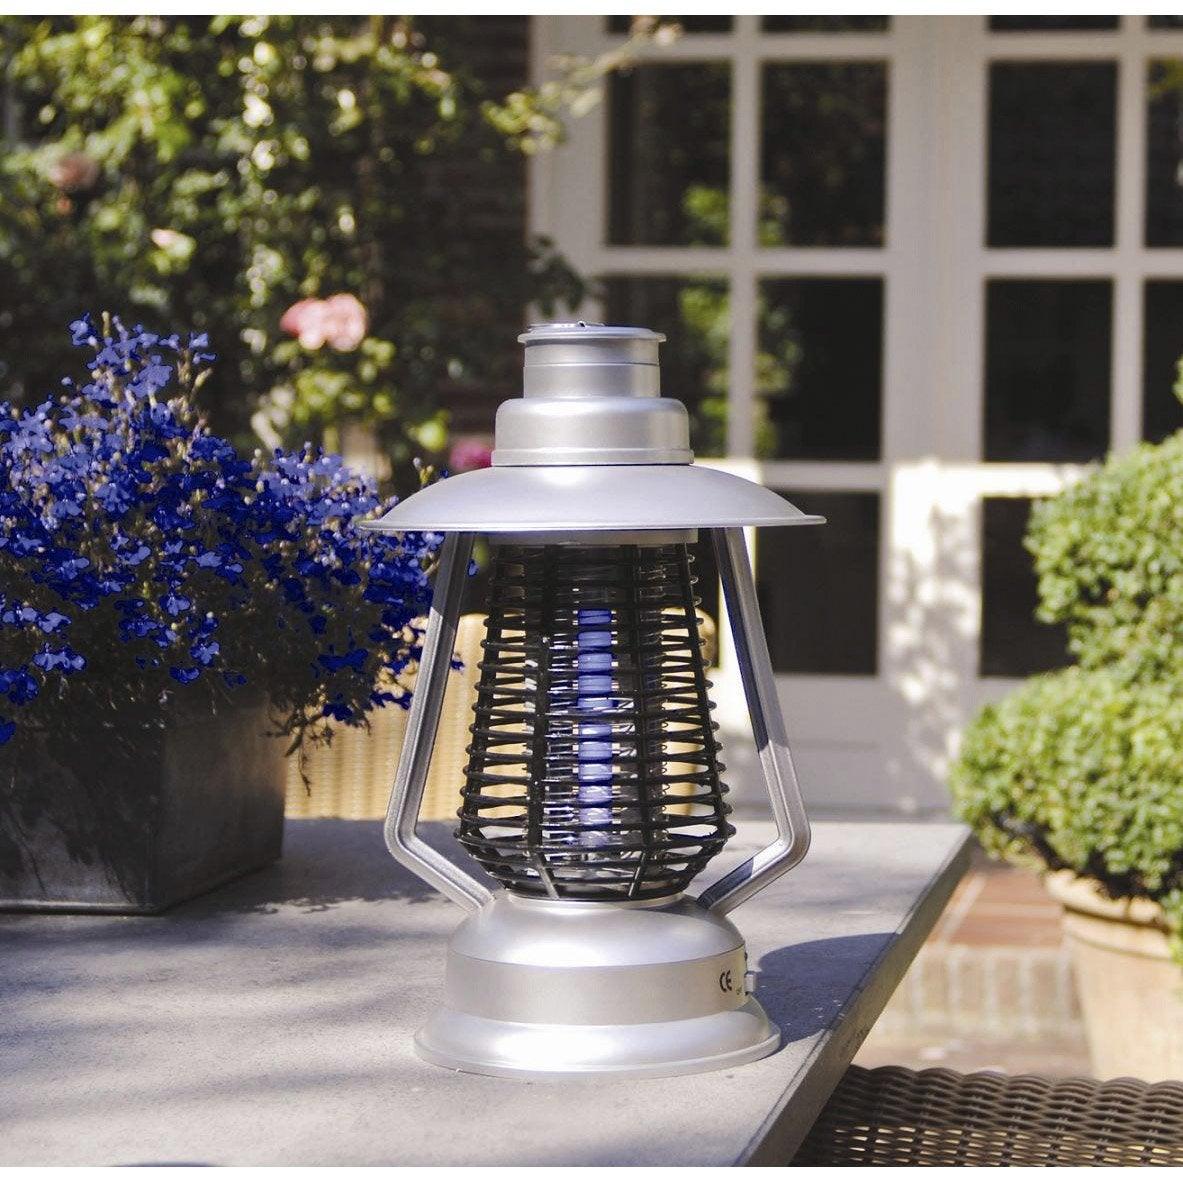 Lampe antimoustiques nortene leroy merlin - Lampe galet leroy merlin ...